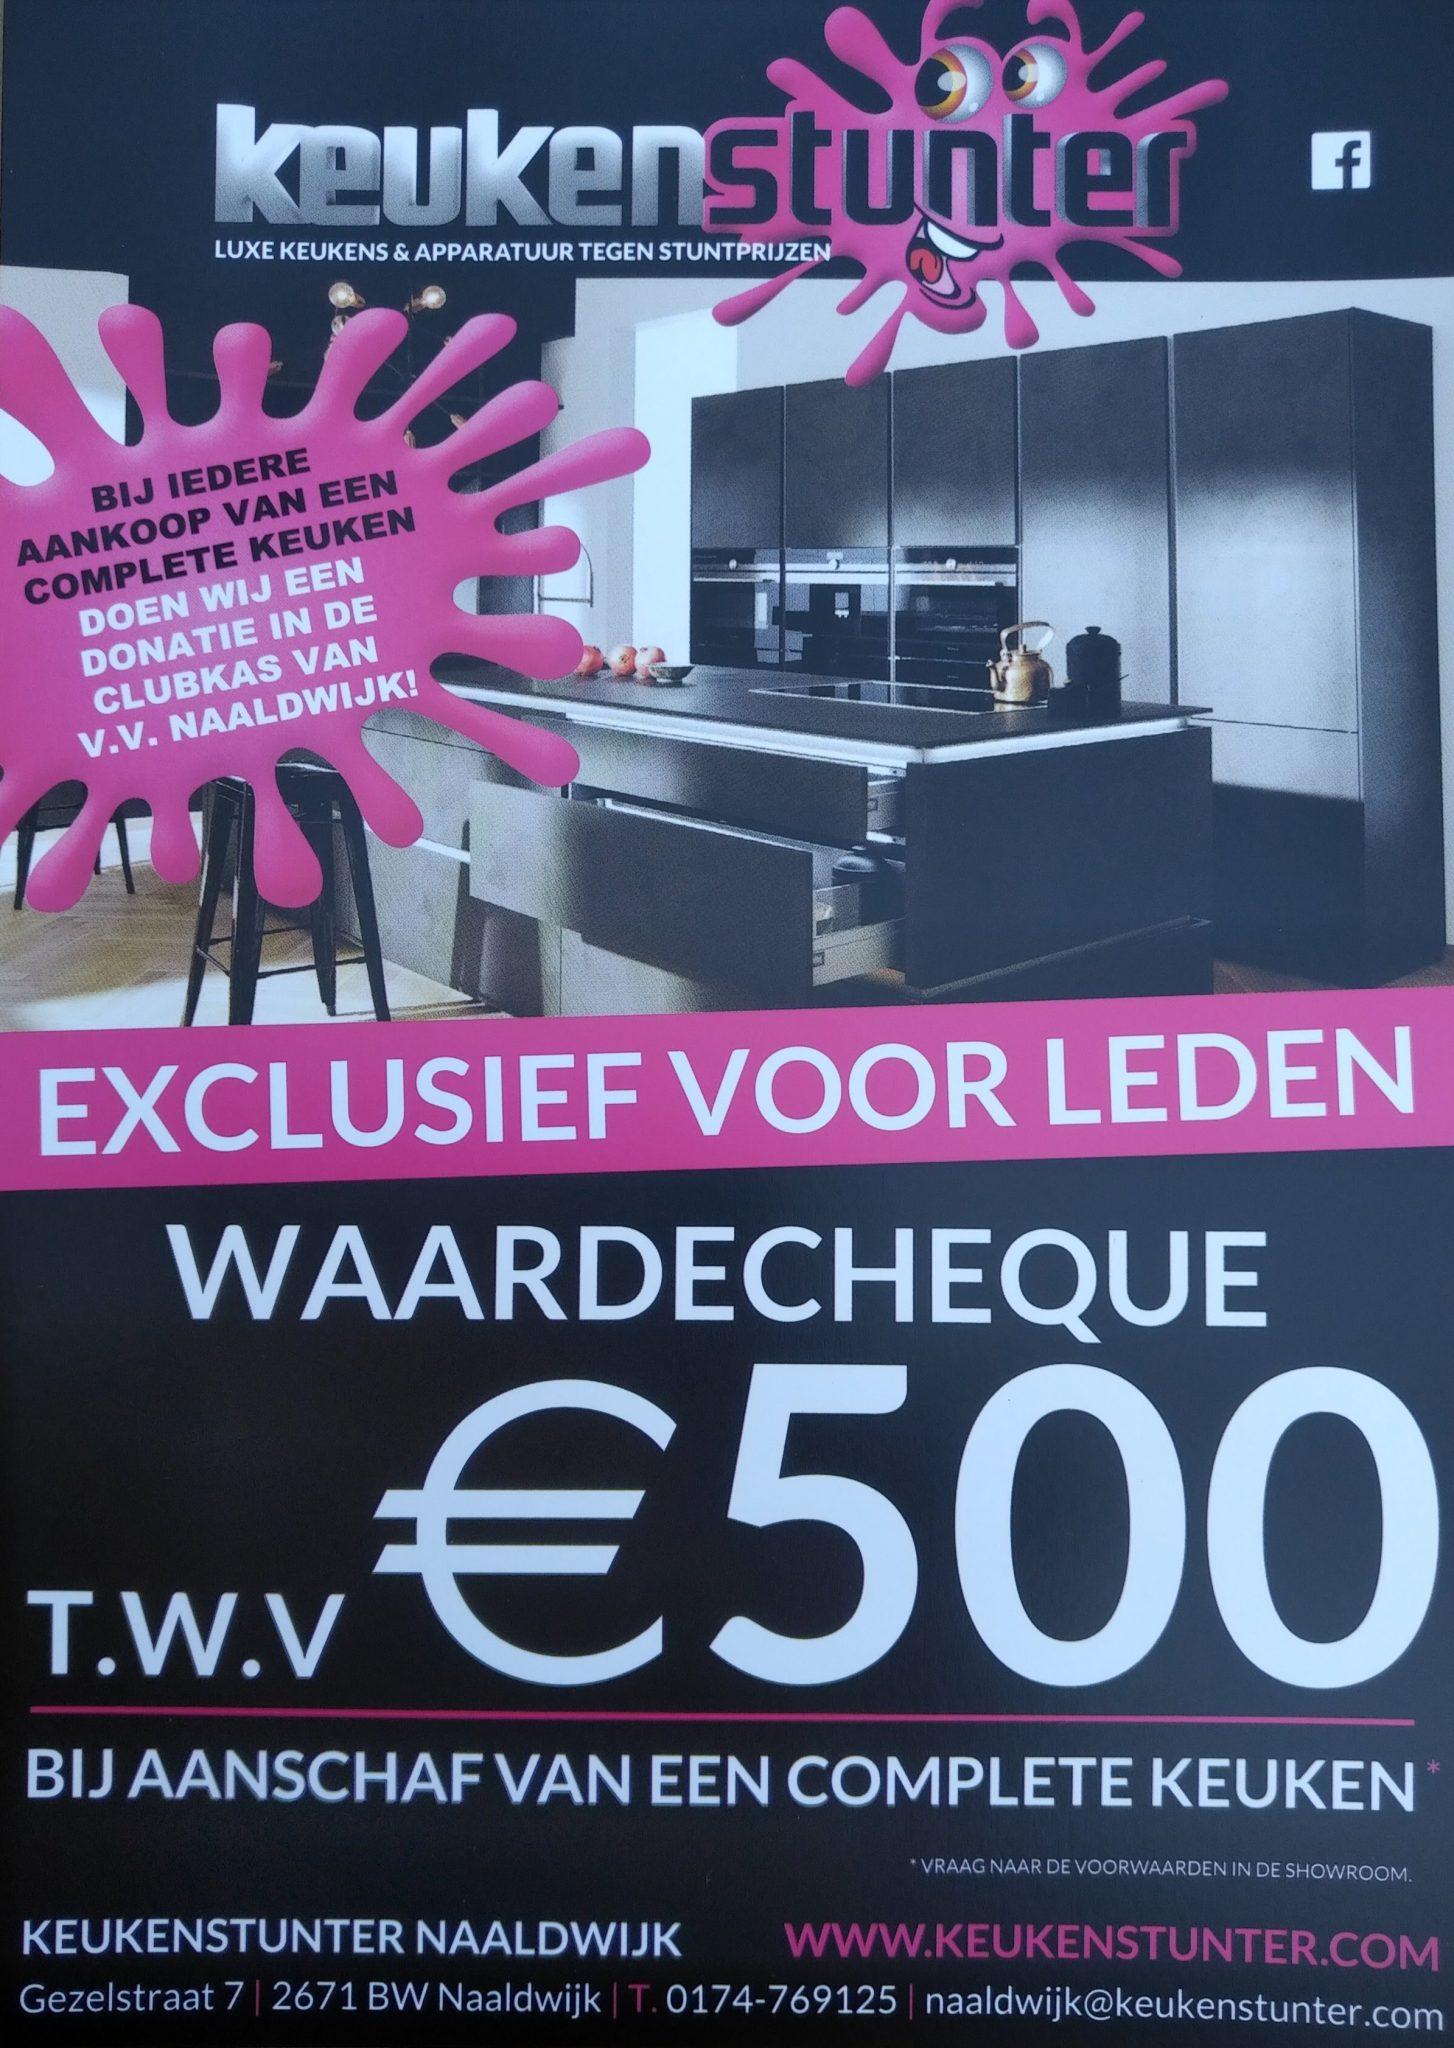 Keukenstunter Naaldwijk laat vv Naaldwijk leden profiteren en wordt tevens sponsor.